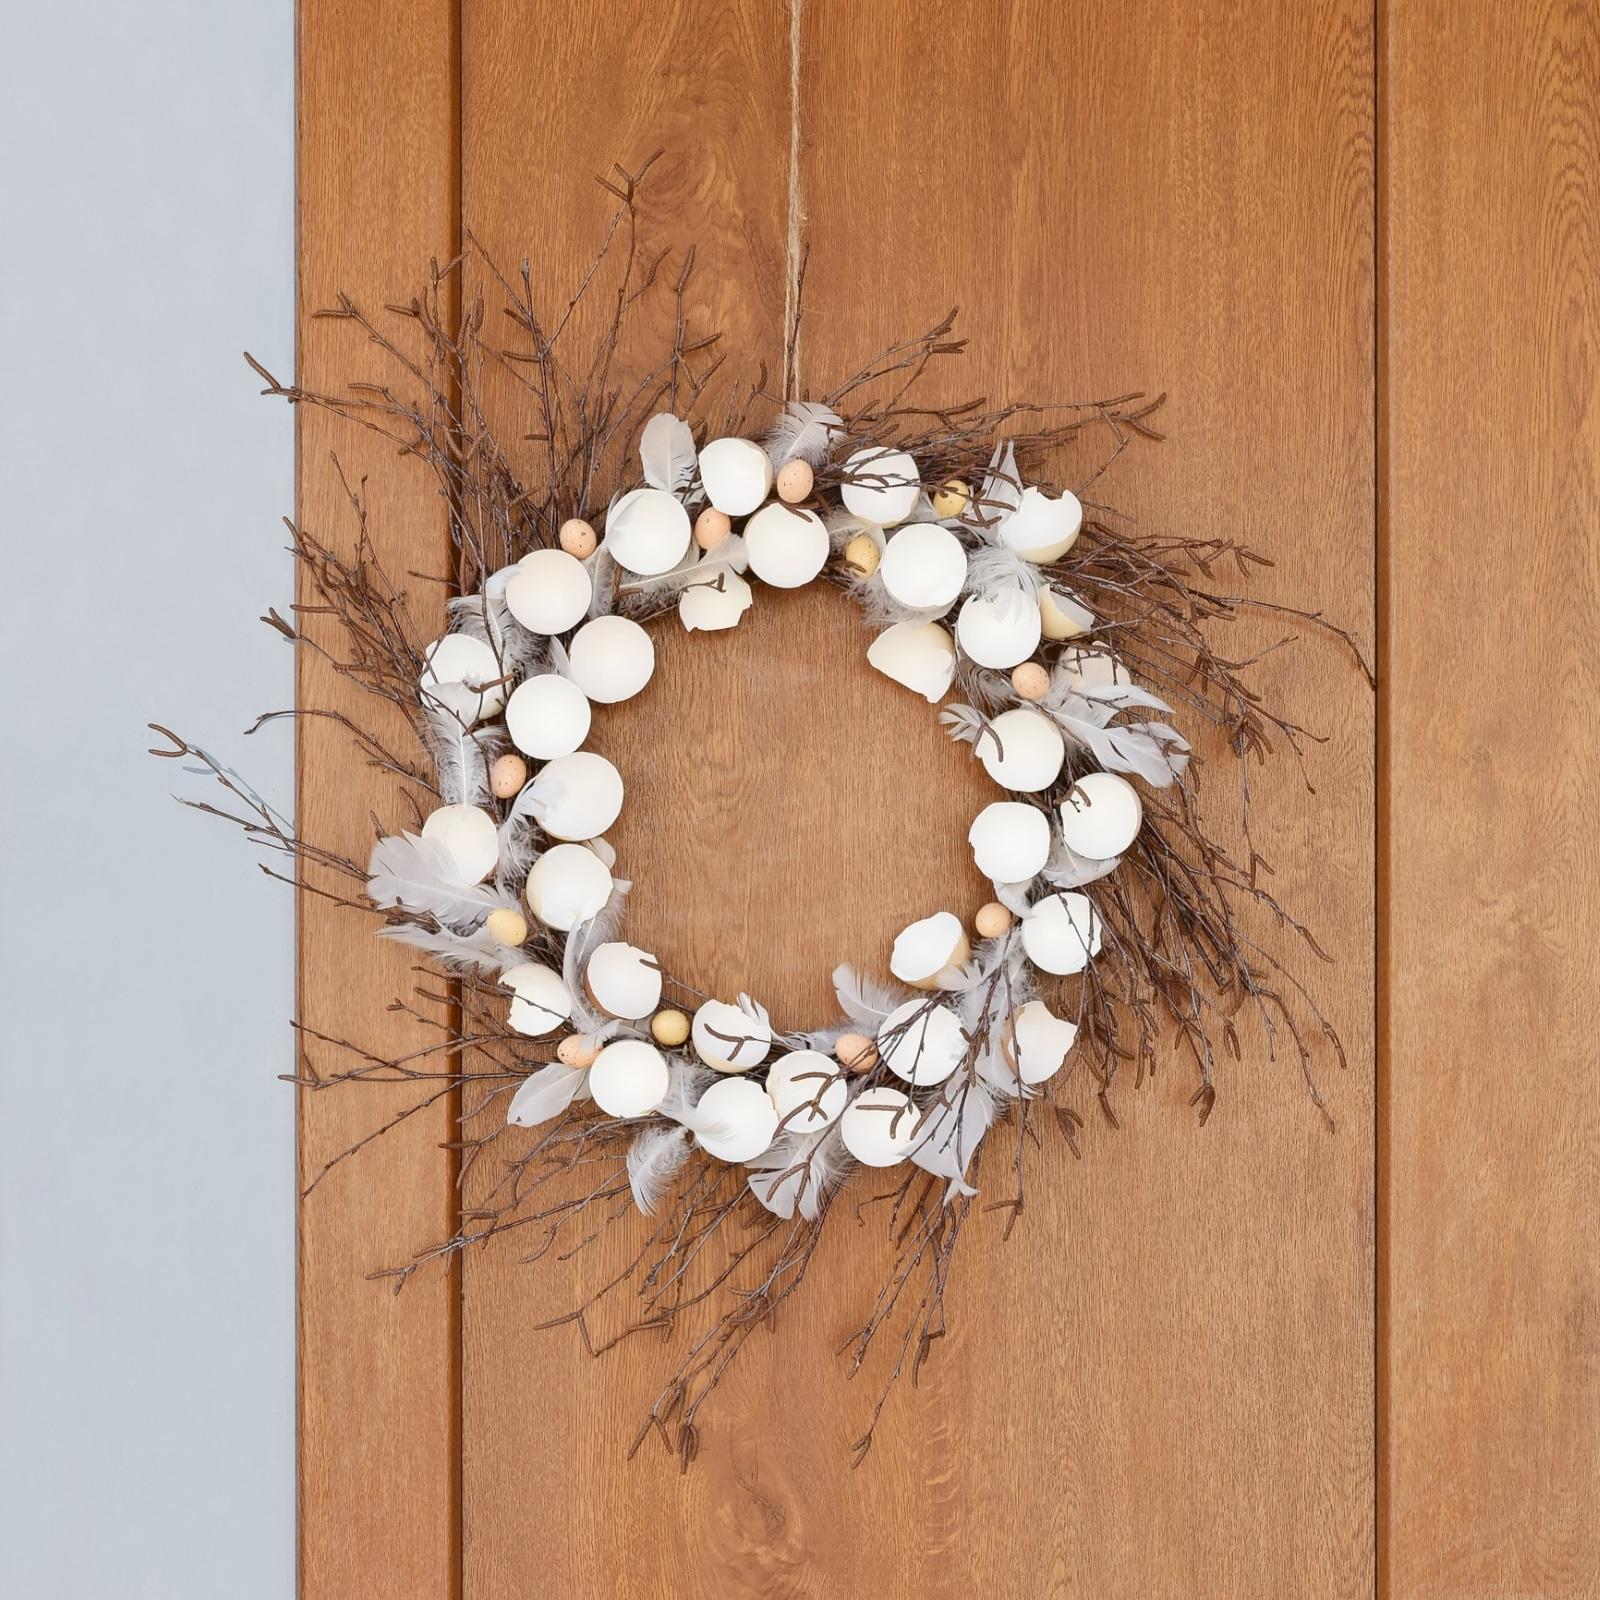 Великденски венец<br /> Вместо да ги хвърлите, използвайте черупките от яйцата, за да си направите красив празничен венец.